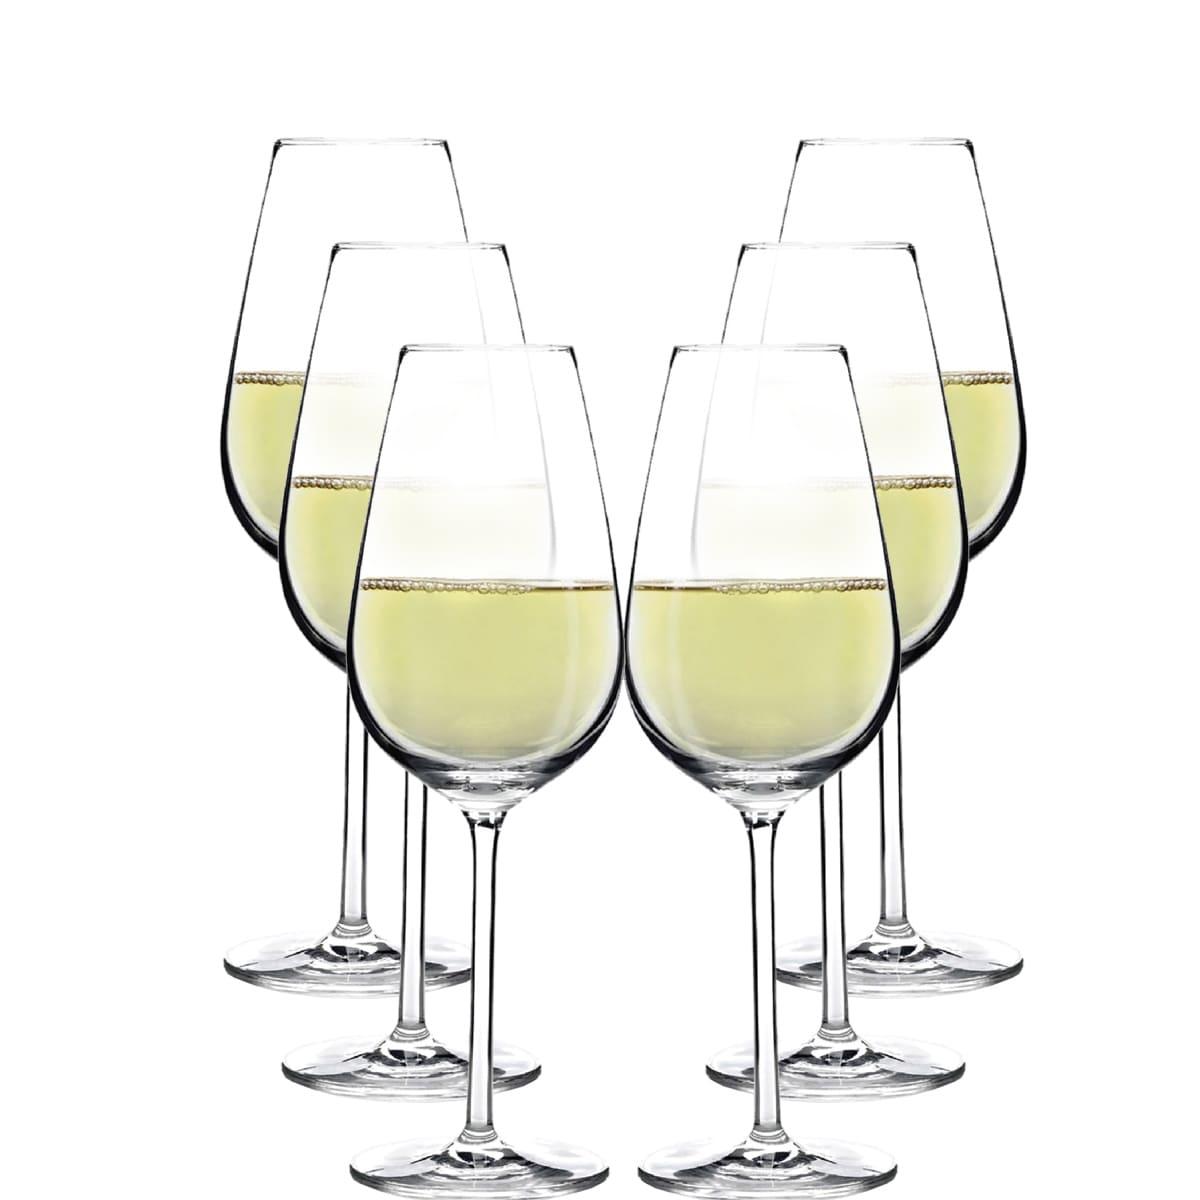 Taça de Vinho Branco Aspergo de Cristal 370ml 6 pçs